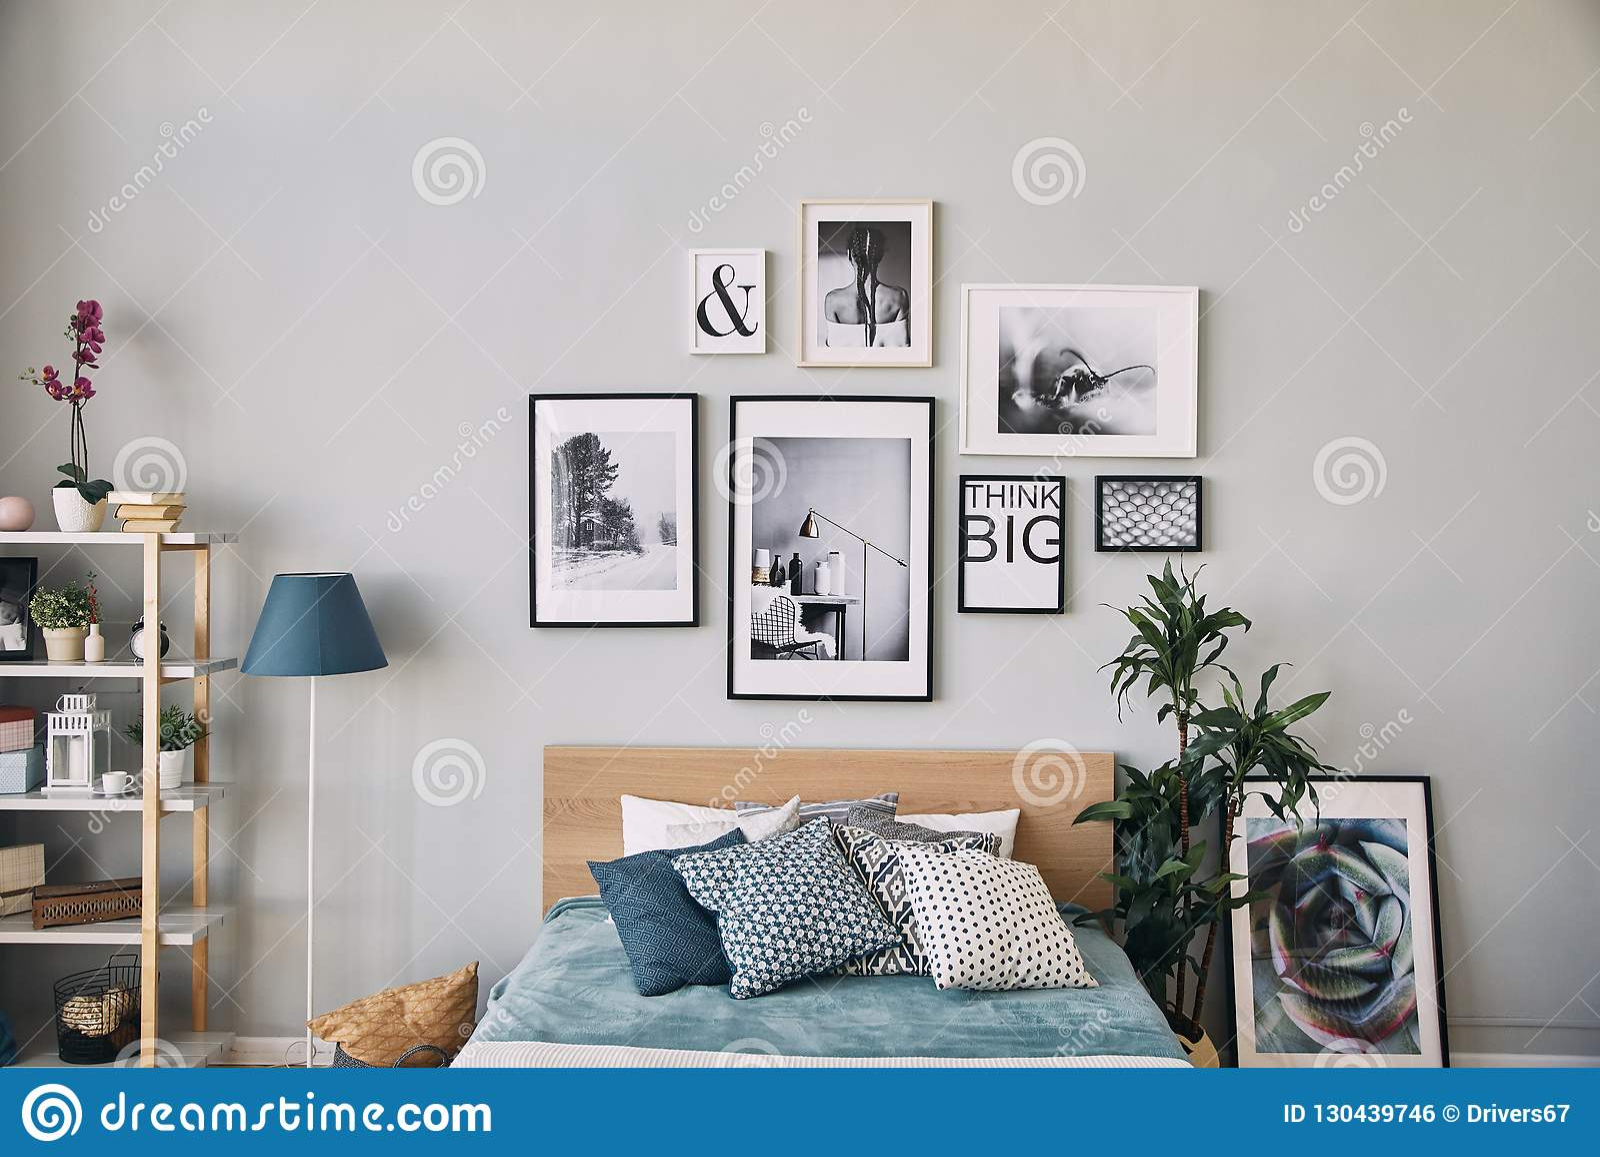 Φωτογραφίες των διαφορετικών μεγεθών σε ένα πλαίσιο που κρεμά πέρα από το κρεβάτι εσωτερικός σύγχρονος κρεβατοκάμαρων